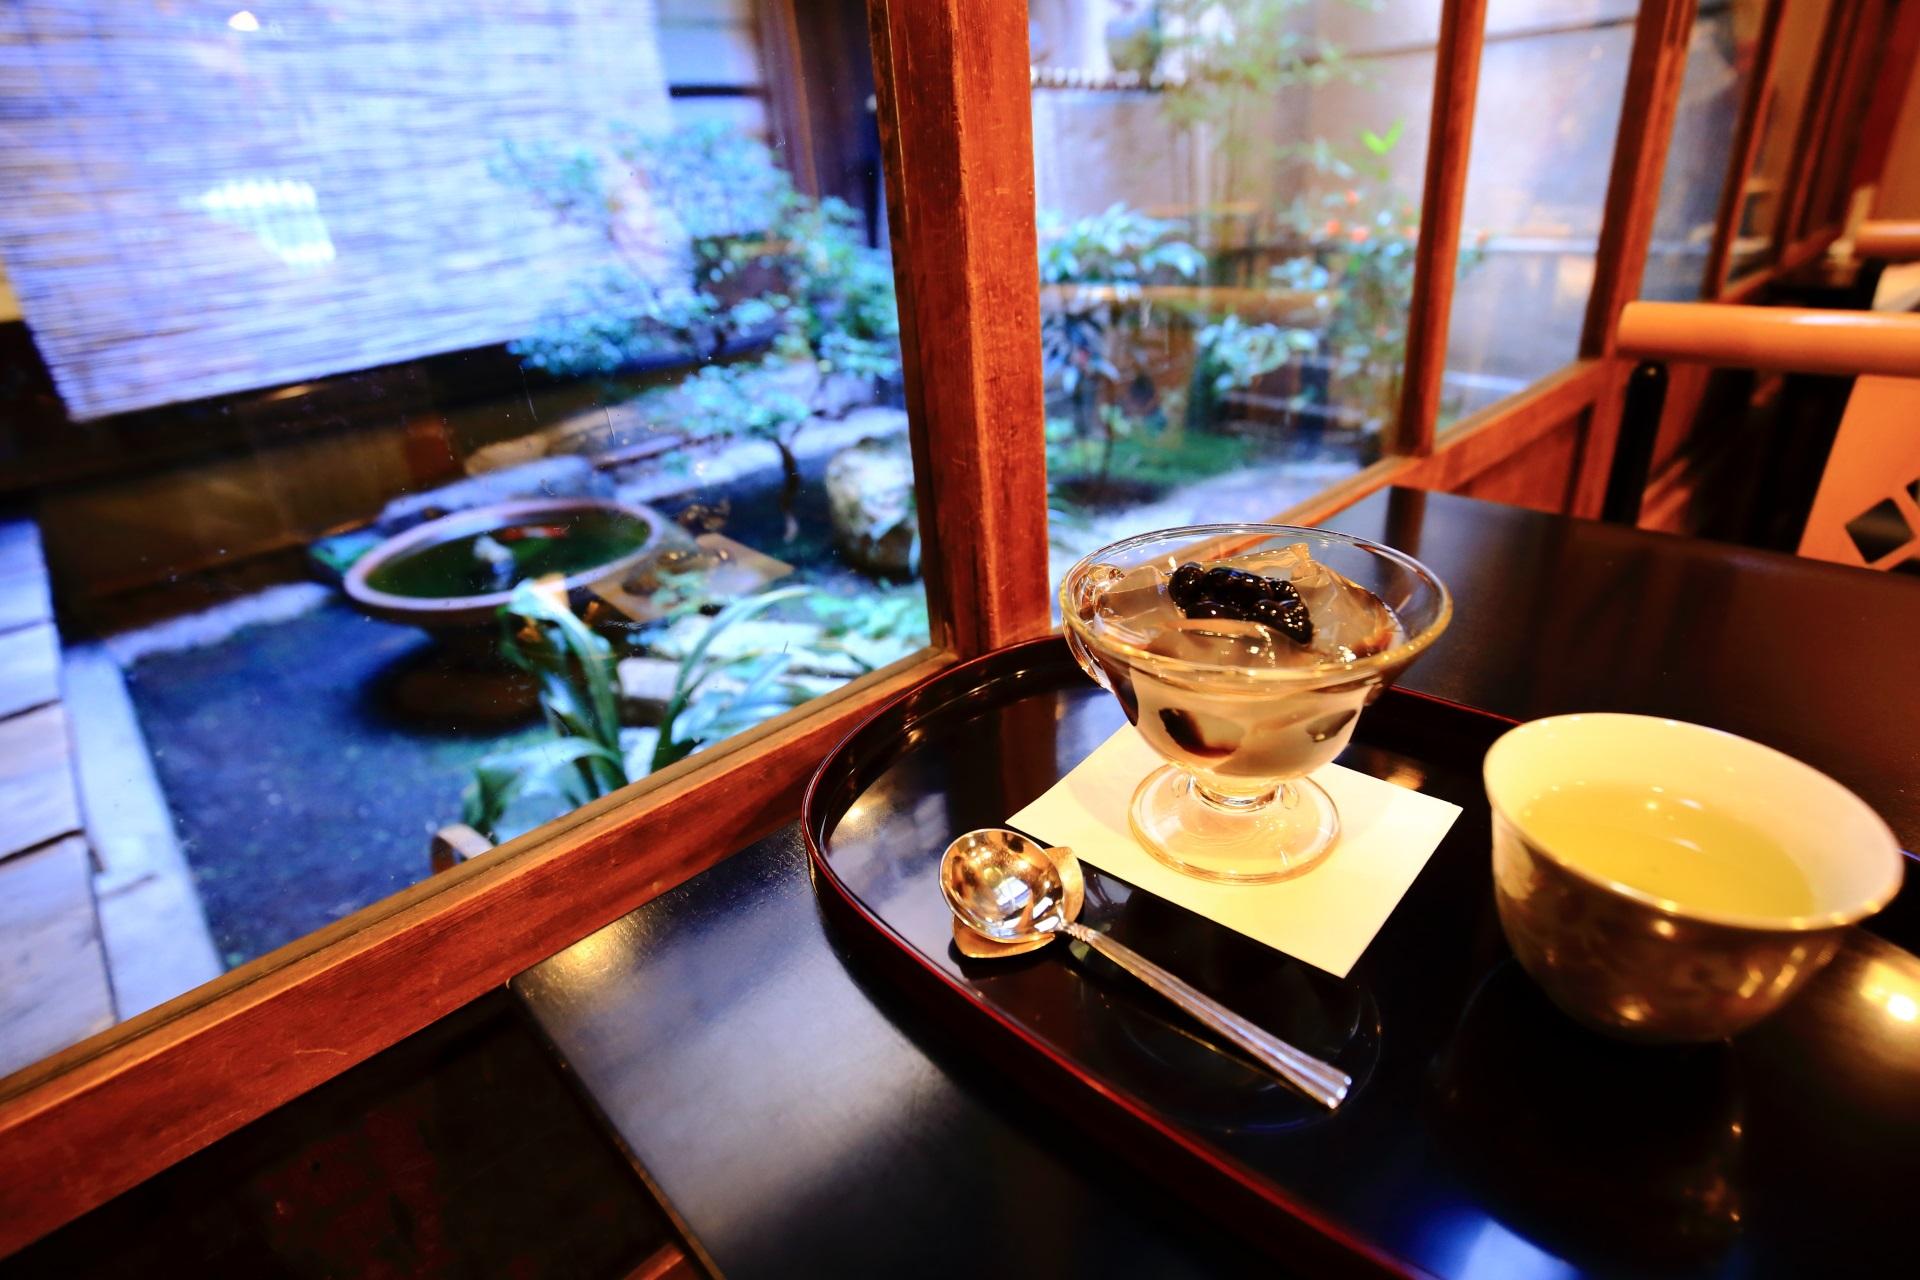 琥珀流し 黒豆味 栖園(せいえん) 京都の人気の甘味処